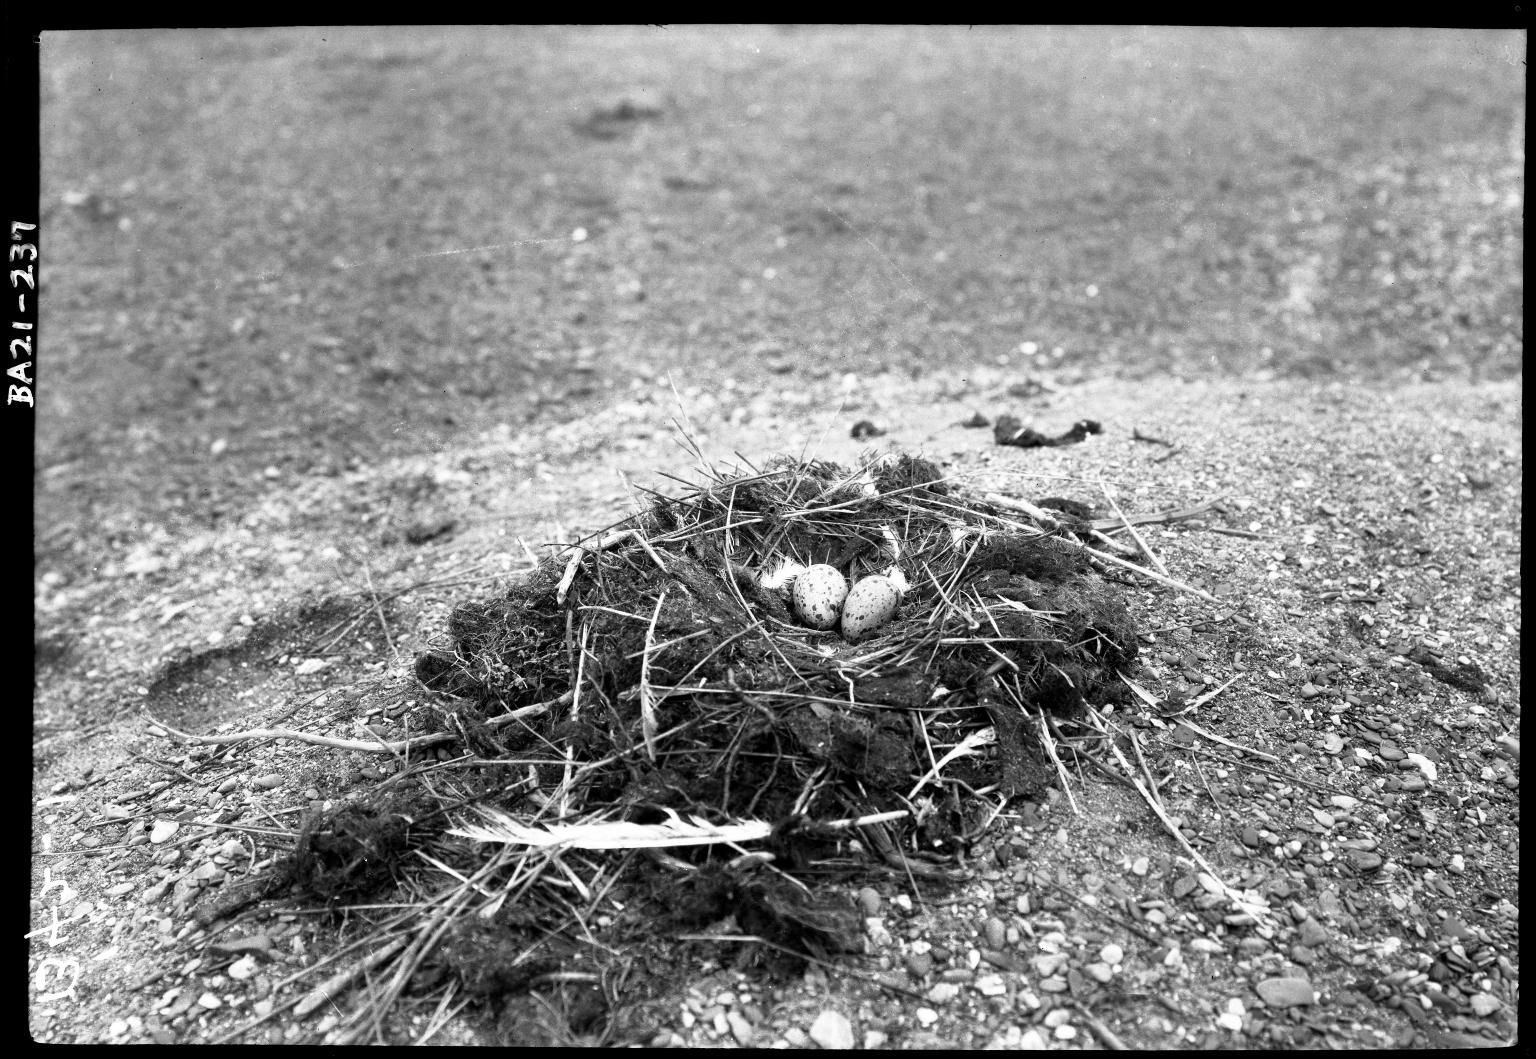 Glaucous gull eggs